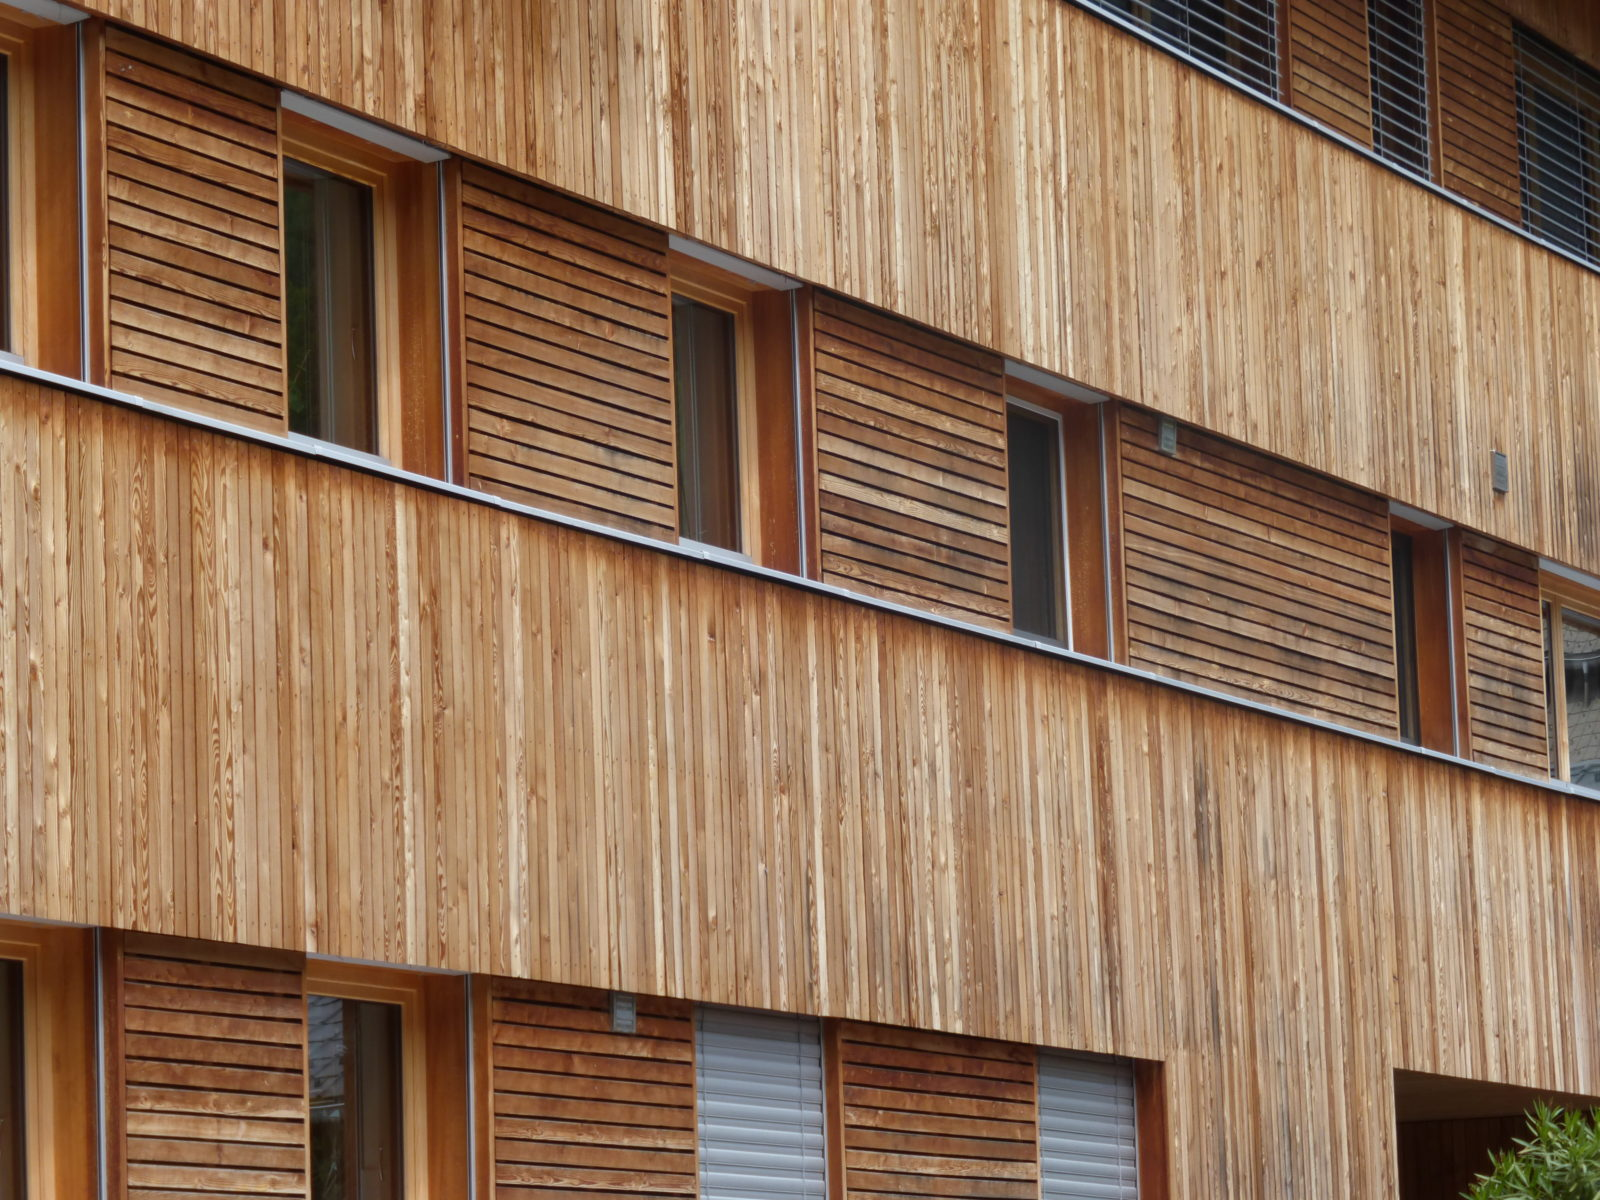 Hohe Wärmedämmung beim Holzbau